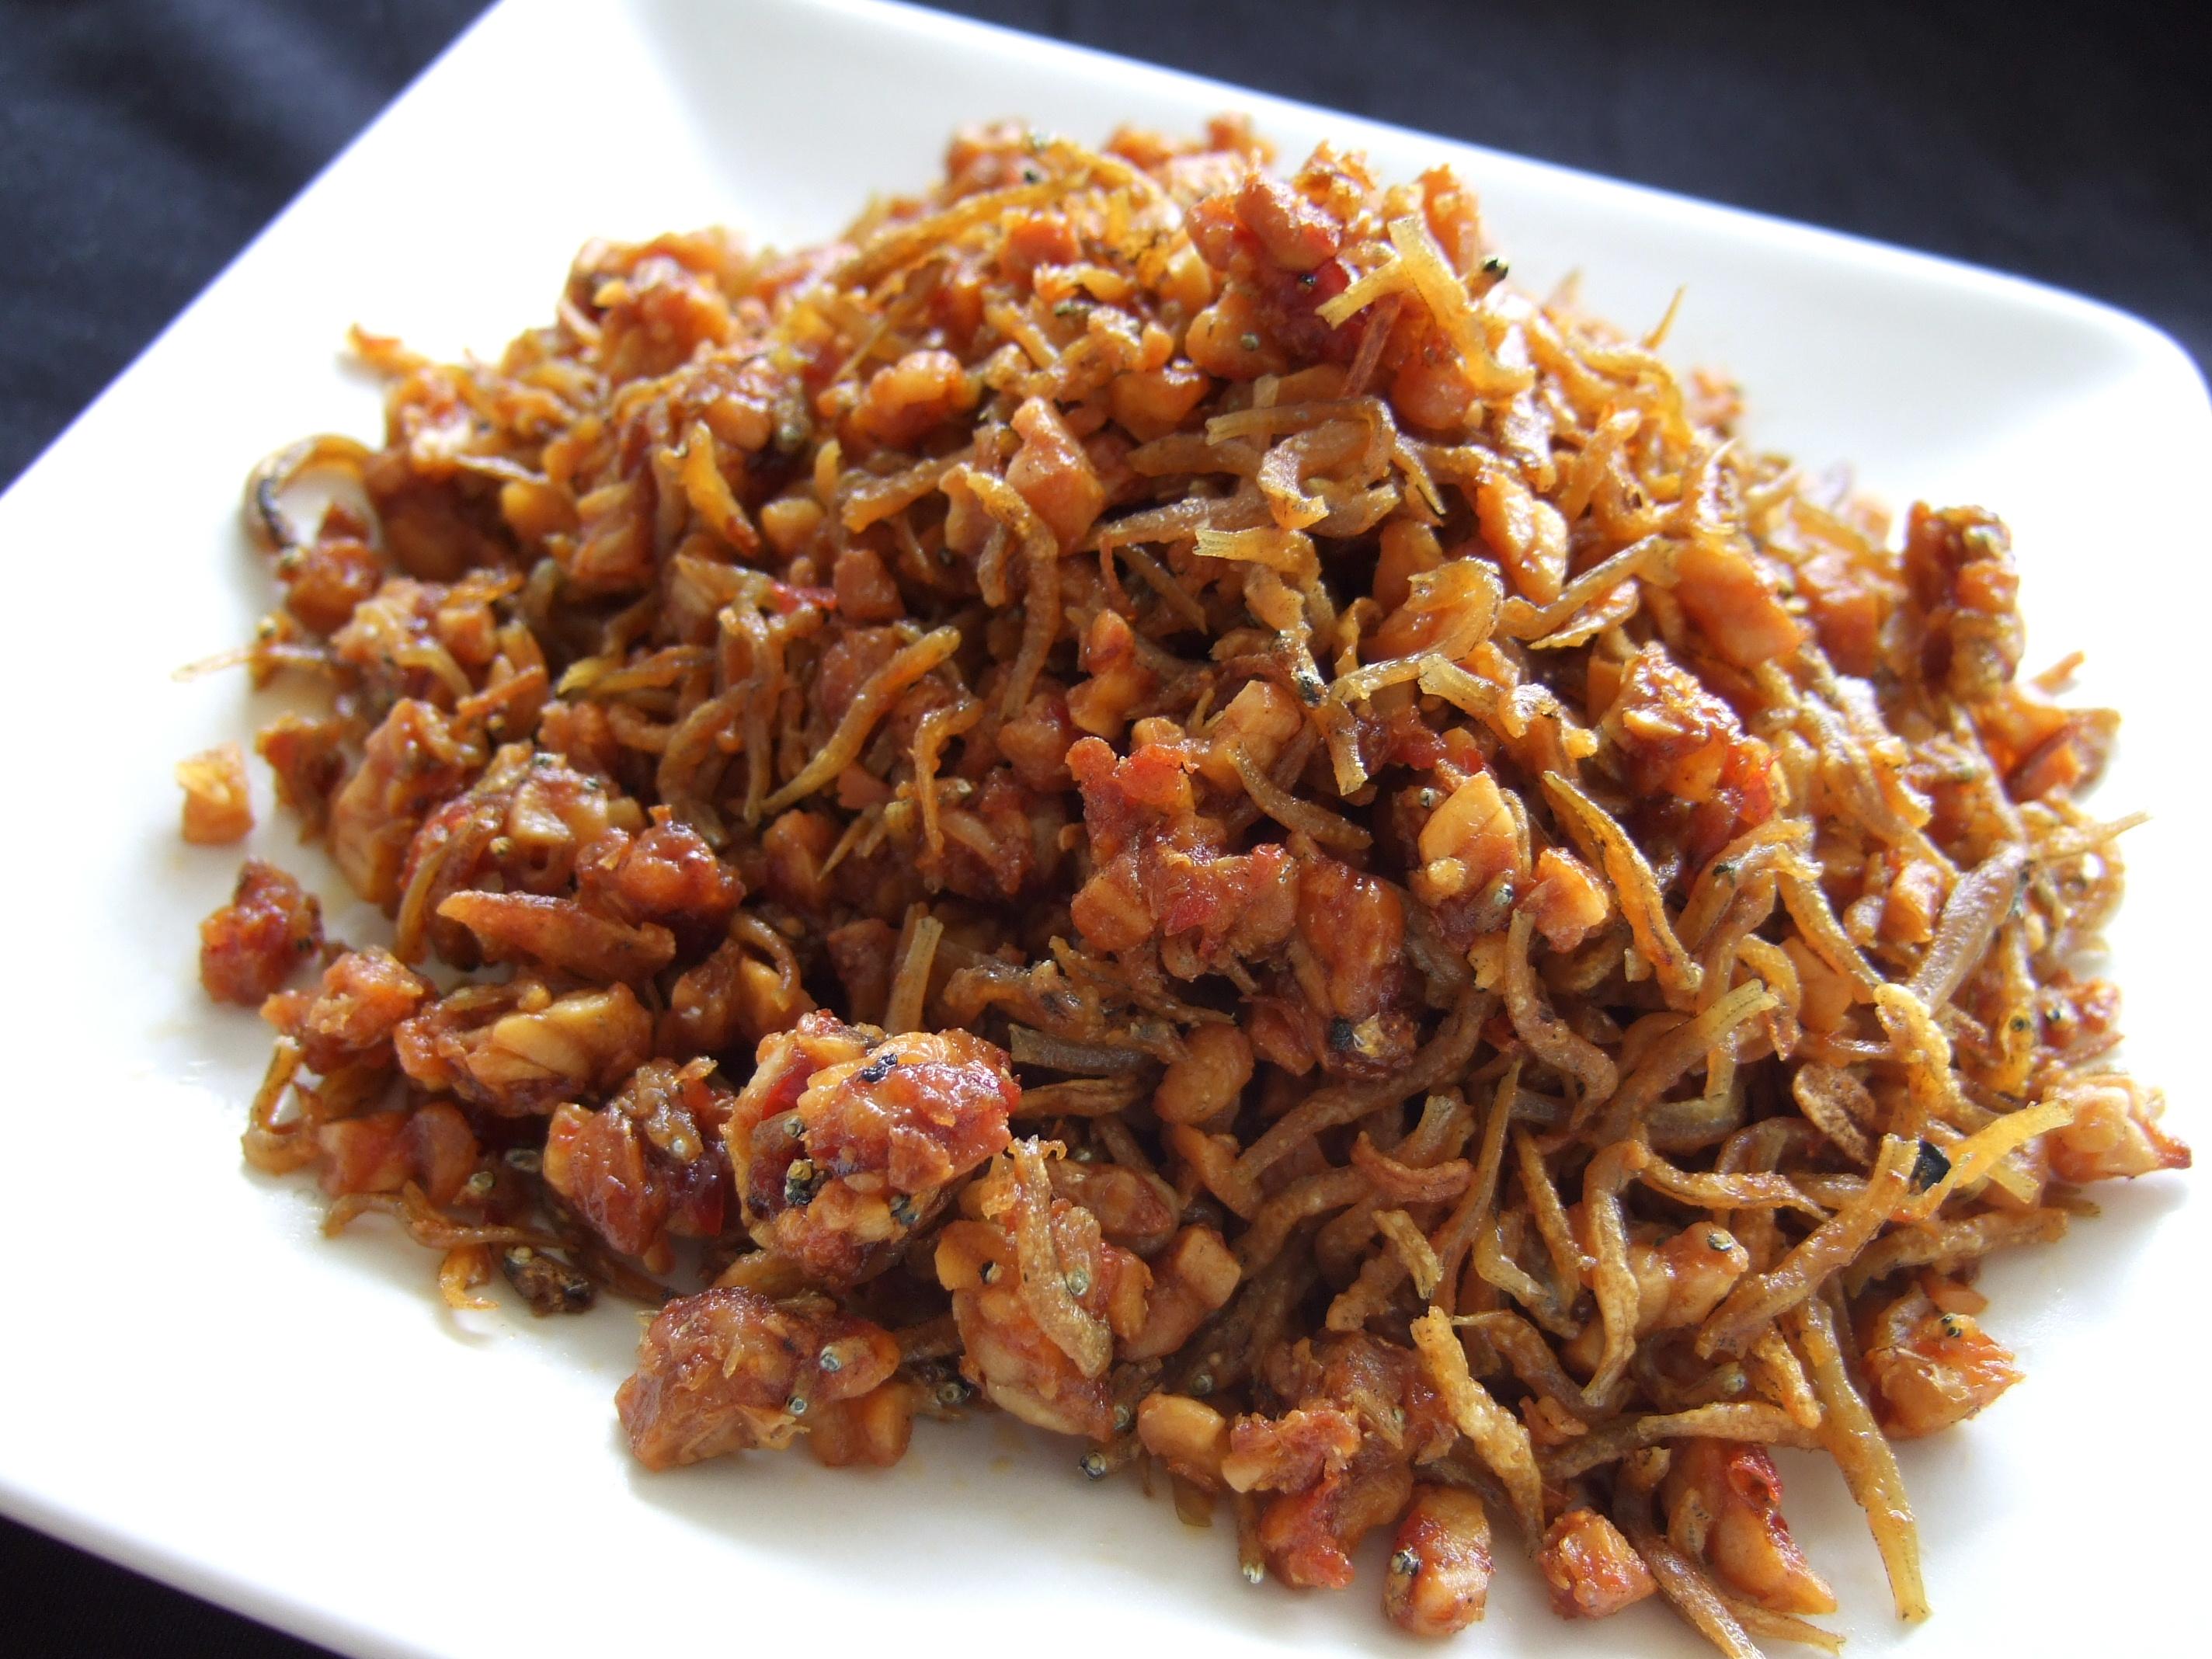 Image Result For Resep Masakan Tempe Menjes Goreng